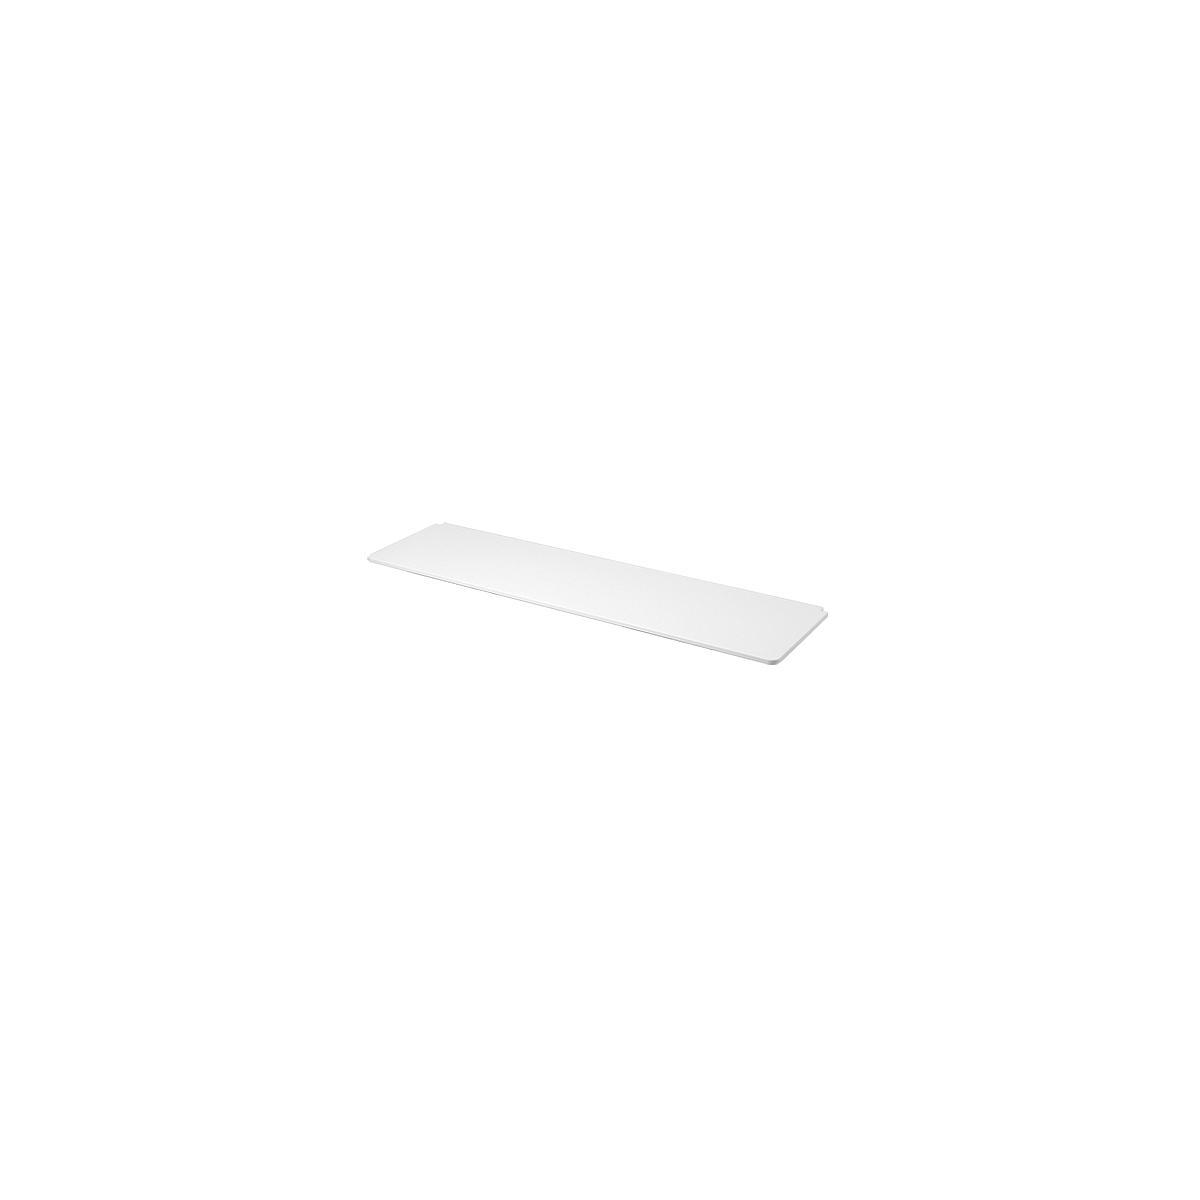 Escritorio Cama alta 90x200 WHITE Flexa blanco